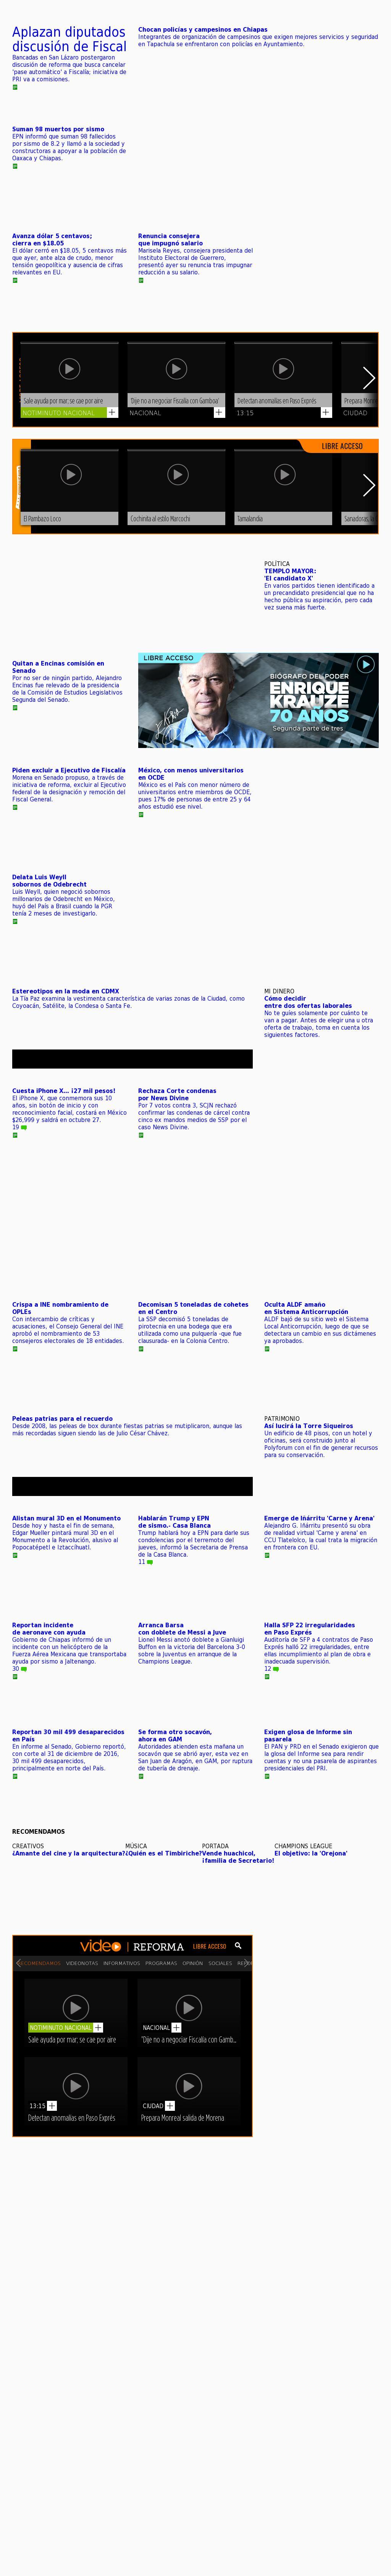 Reforma.com at Wednesday Sept. 13, 2017, 12:15 a.m. UTC